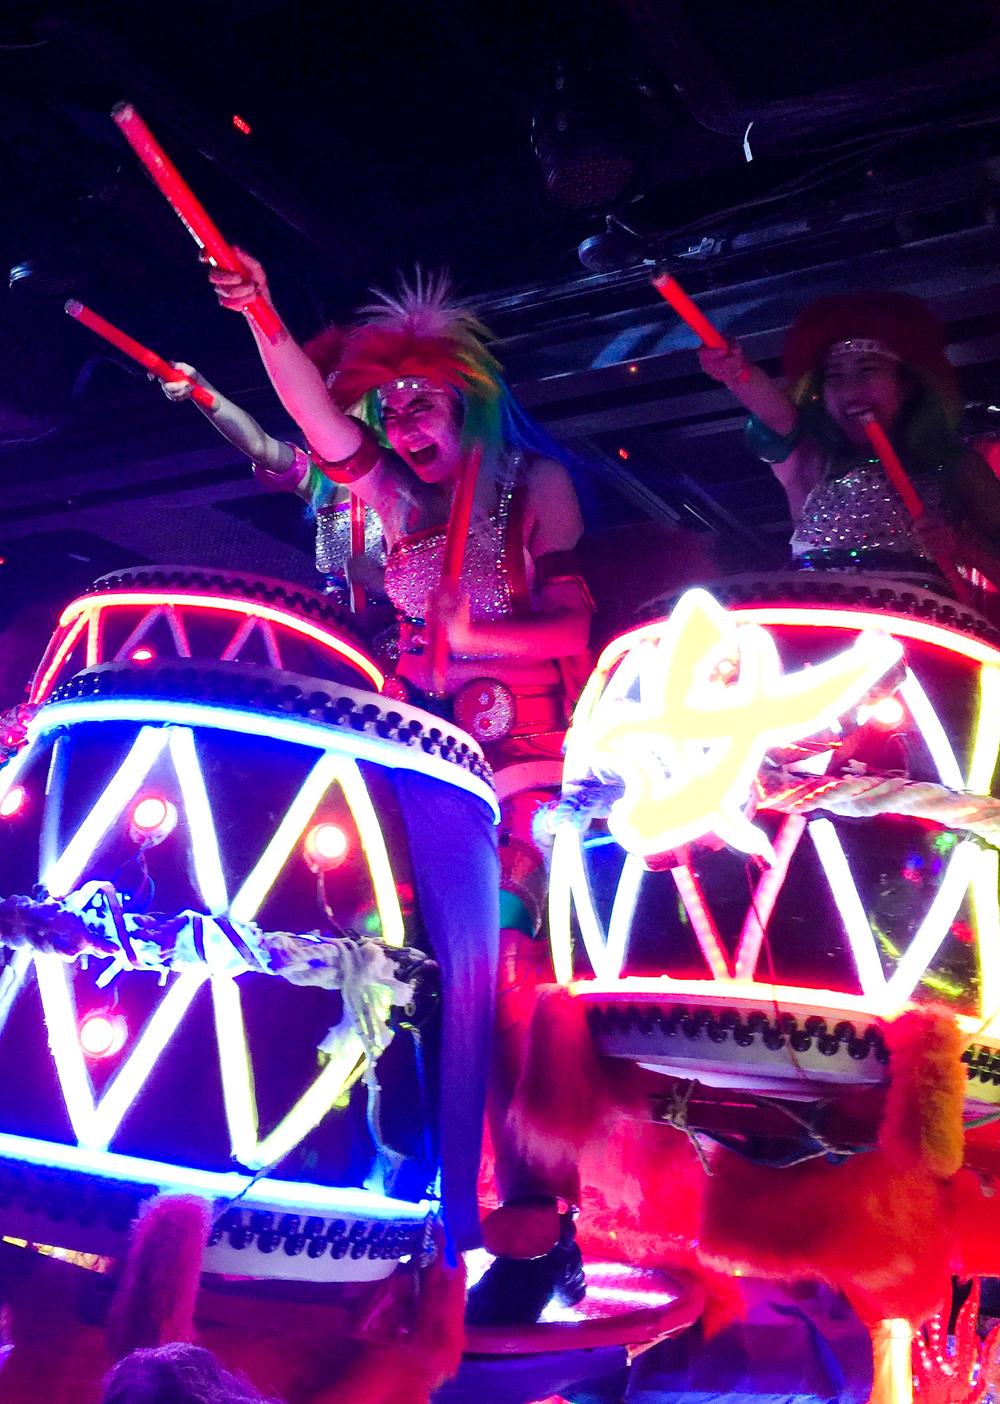 Neon taiko drumming